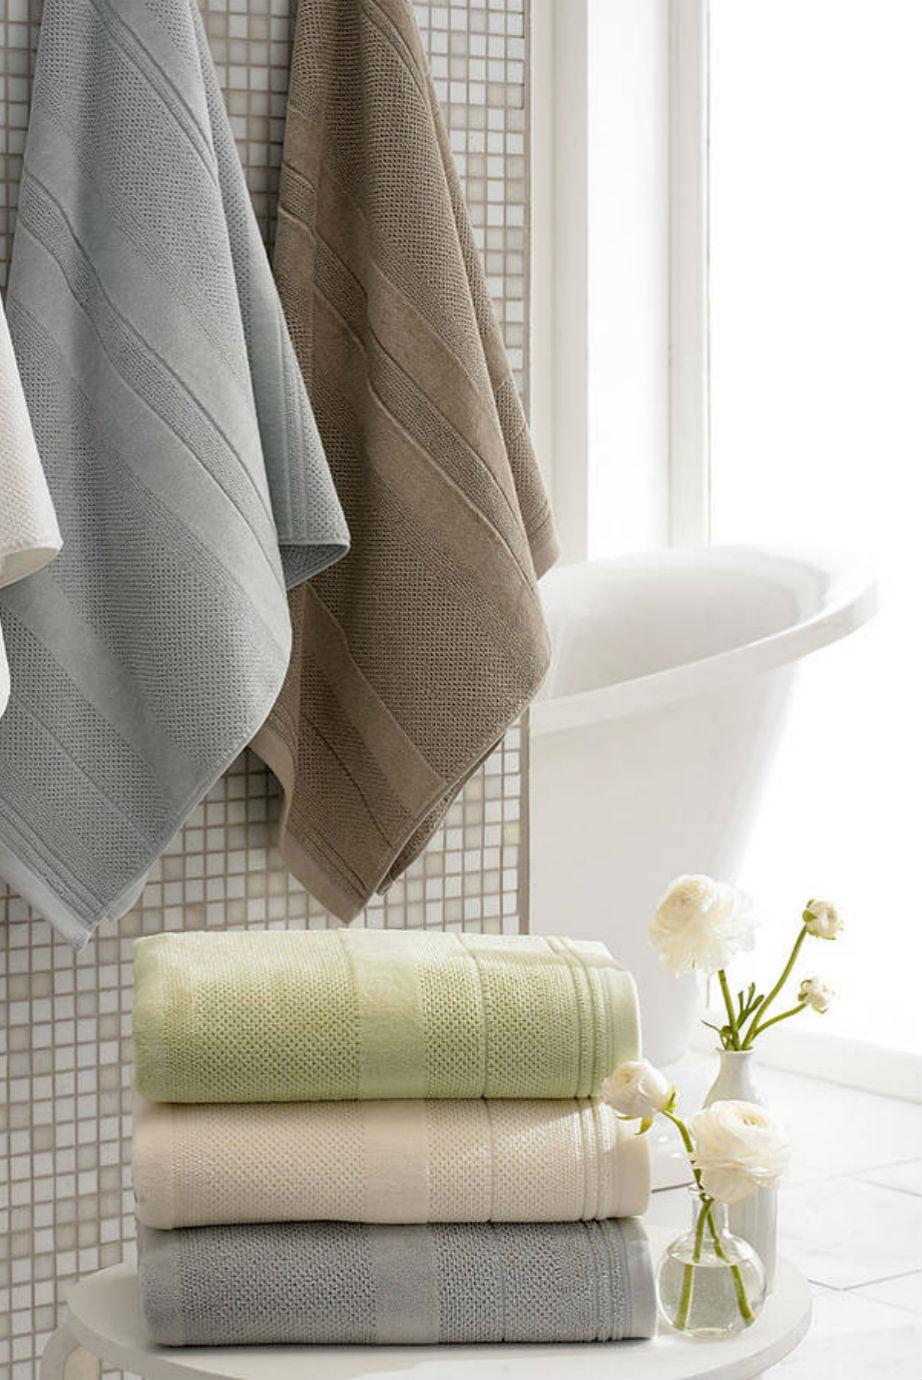 Χρώμα και στο μπάνιο σας!